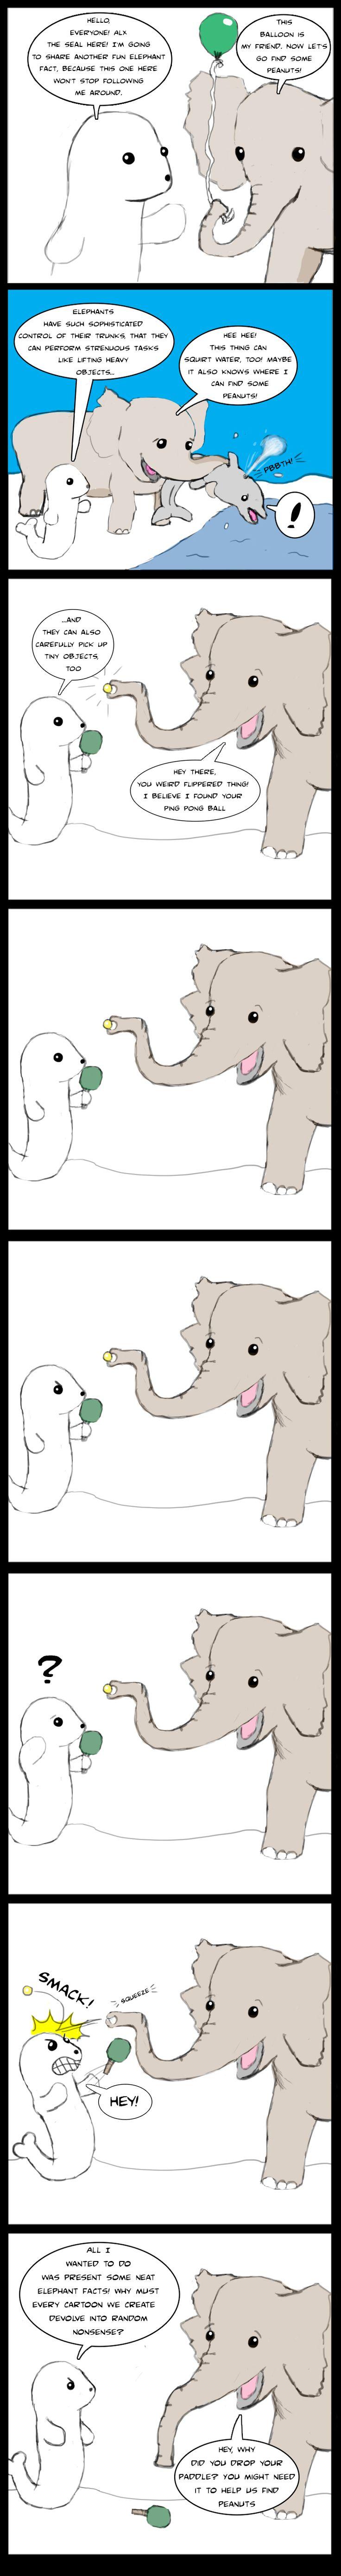 best 25 elephant facts ideas on pinterest elephants